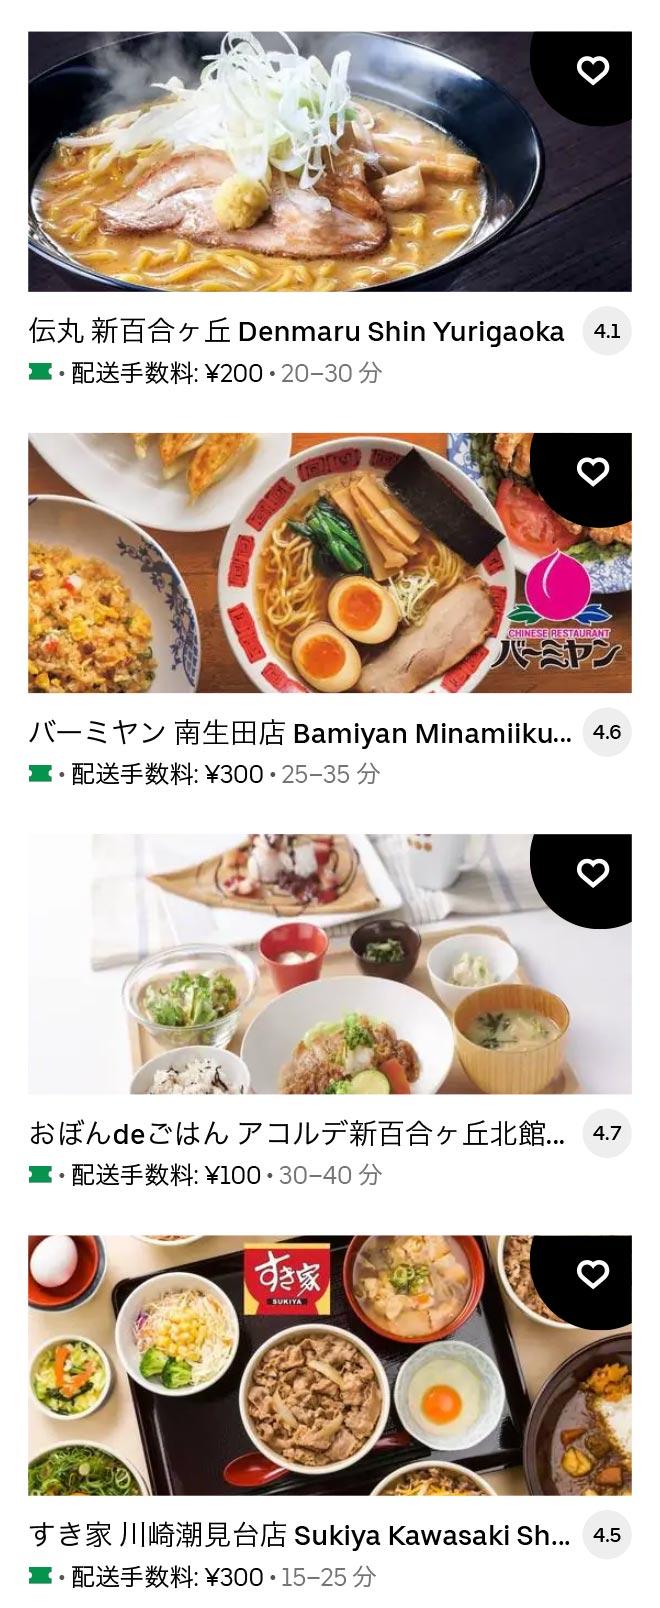 1 u shin yurigaoka 2105 08